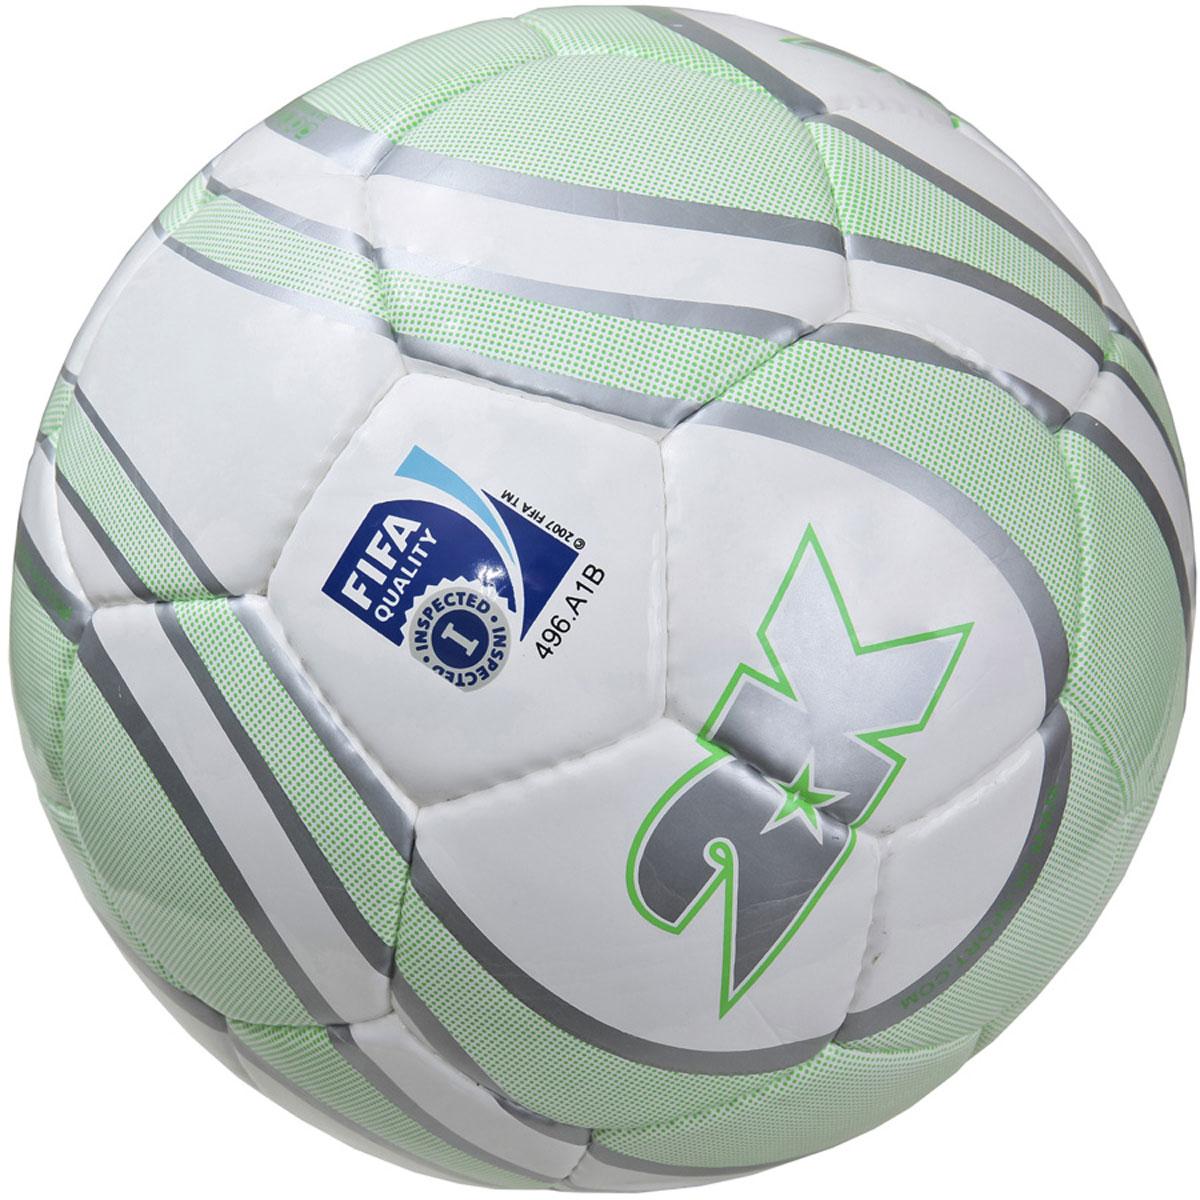 Мяч футбольный 2K Sport Parity, цвет: белый, серый, зеленый. Размер 5SCH01-PurpleПрофессиональный мяч 2K Sport Parity выполнен из ЭВА и полиуретана. Четырехслойная текстильная подложка. Мяч имеет бесшовную бутиловую камеру с бутиловым ниппелем. Ручная сшивка панелей.Сертификат FIFA Inspected.